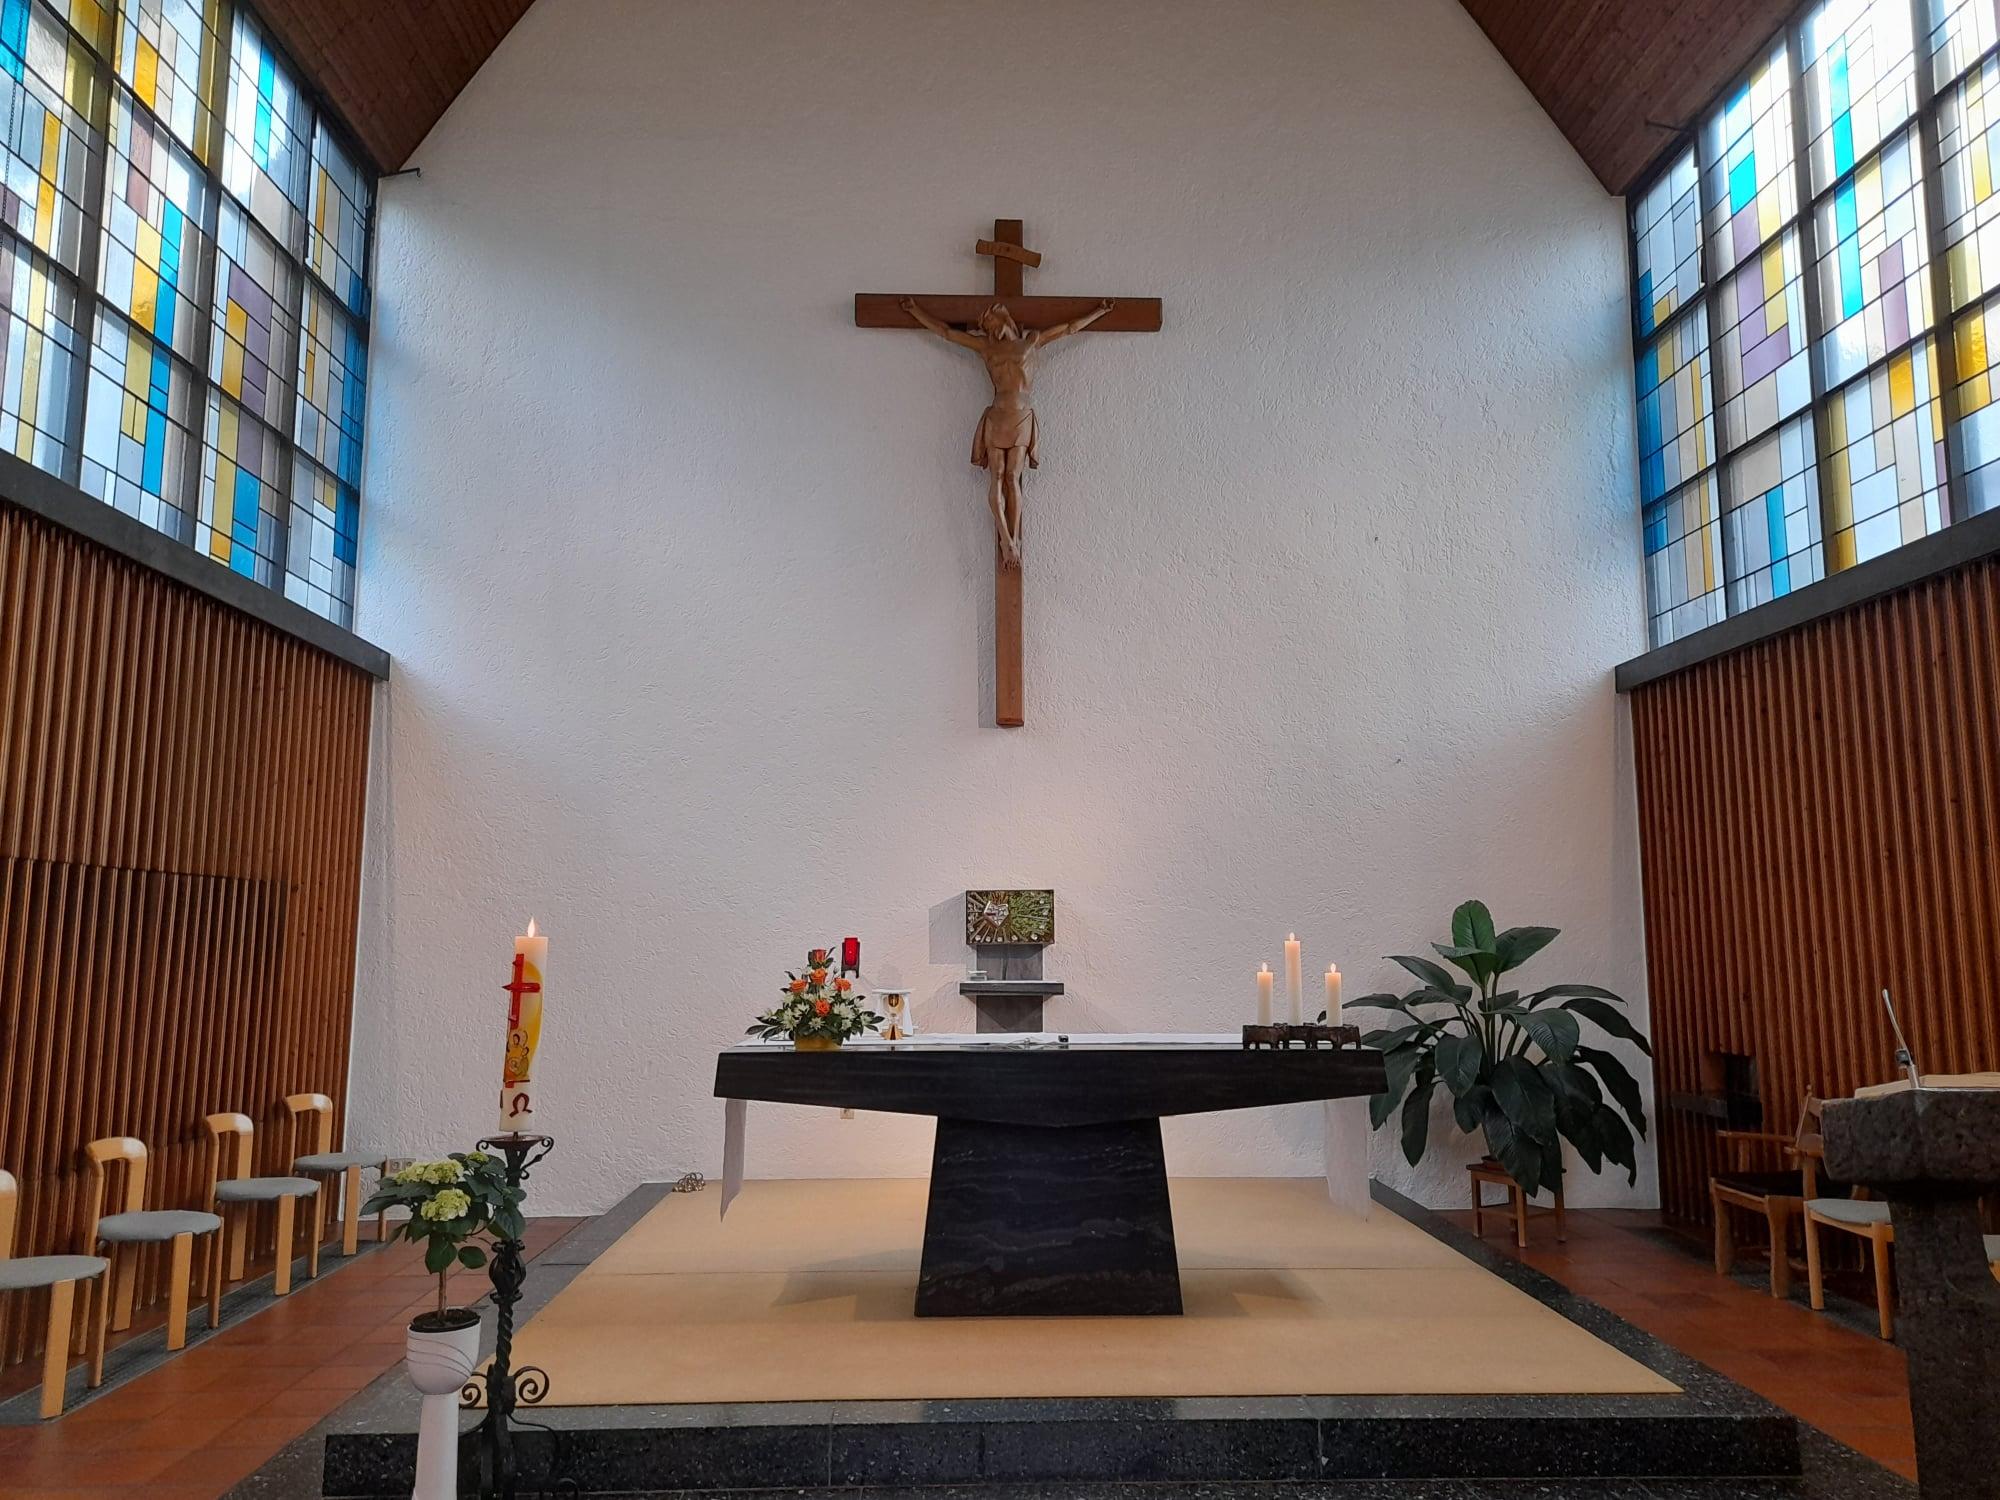 Szent László egyházközségi búcsúünnep Ludwigsburgban